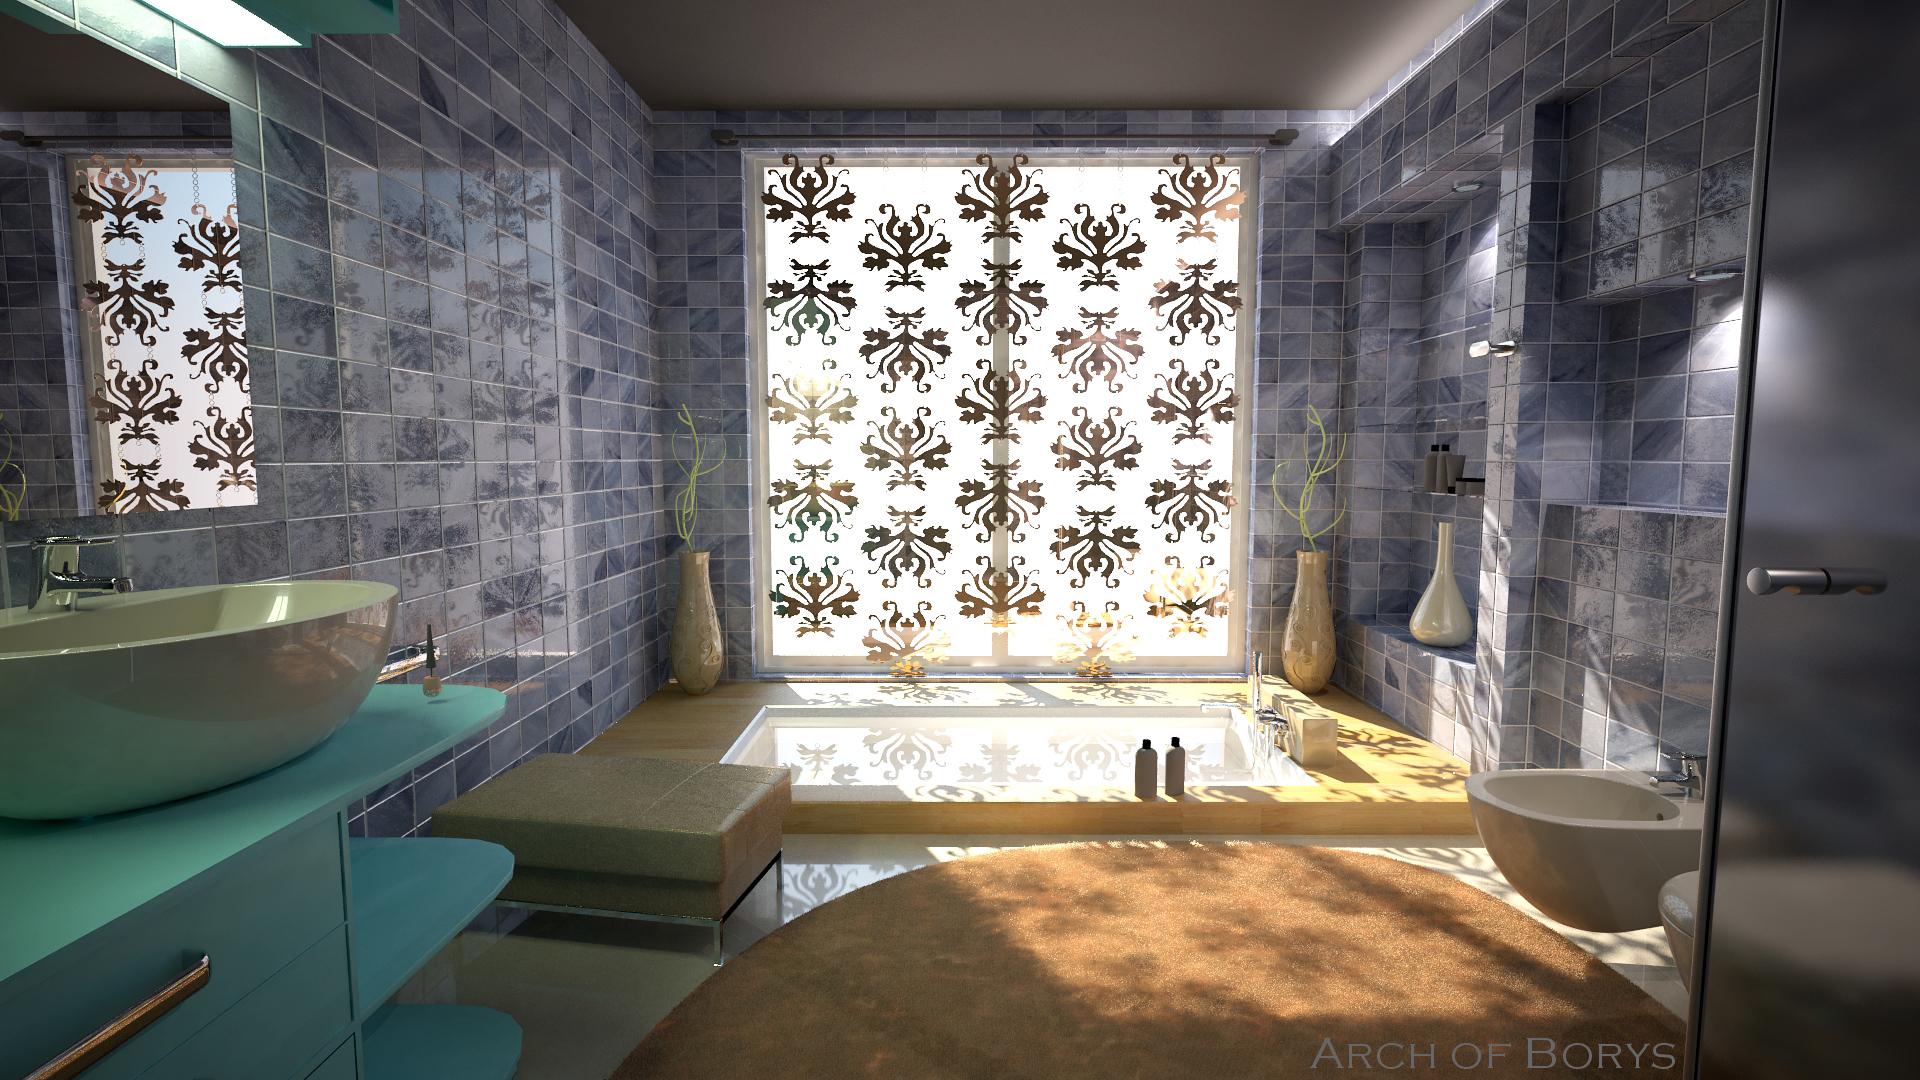 Cgtuts+ 3d workshop bathroom interior critique